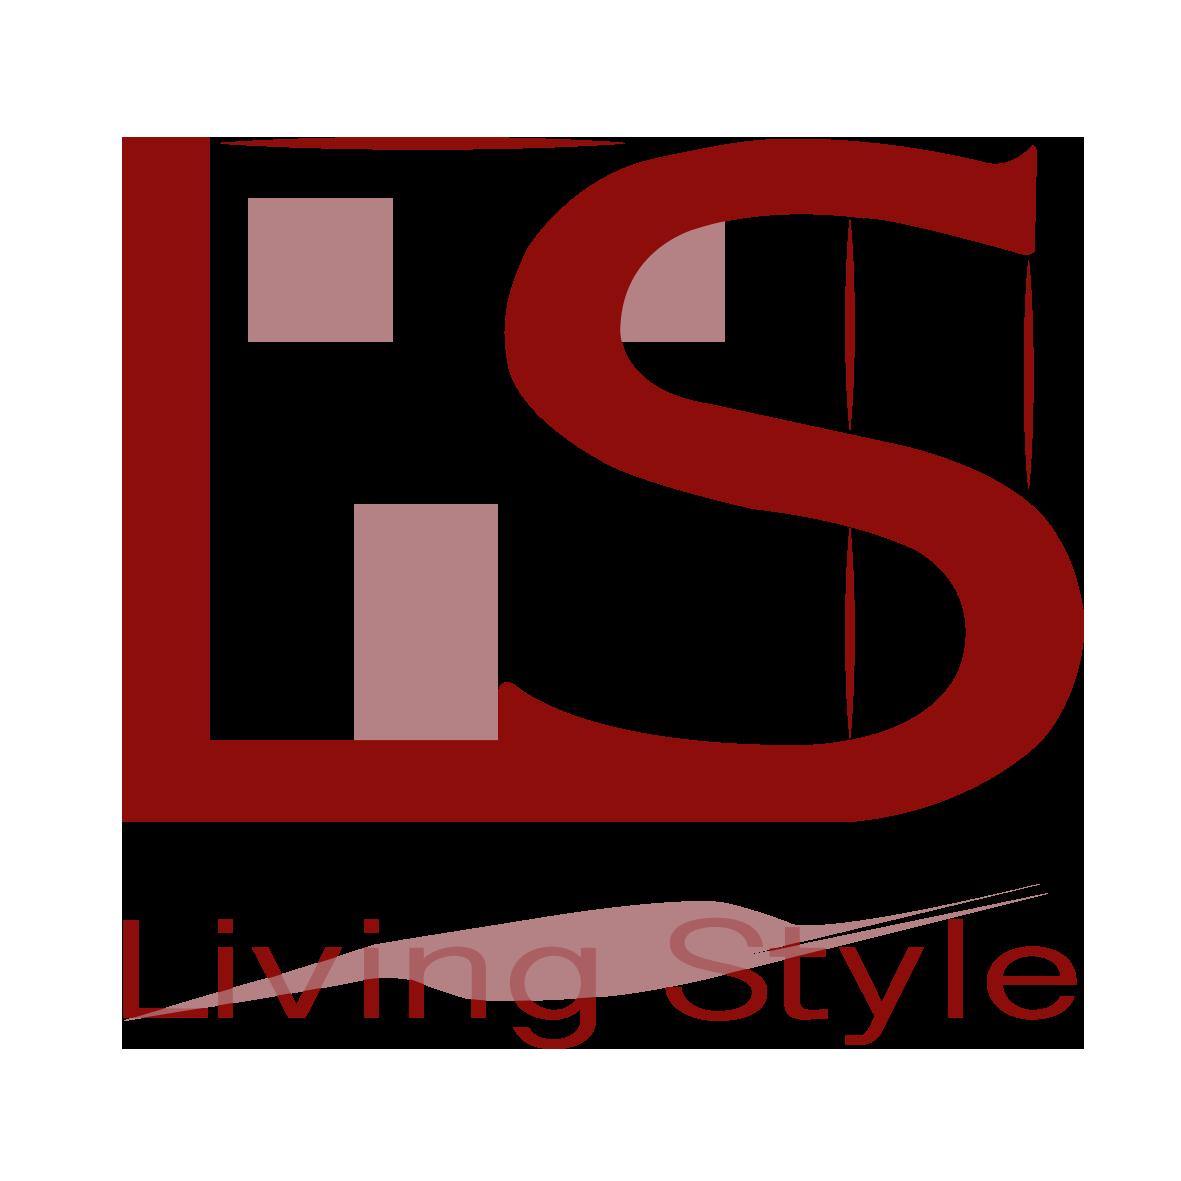 www.livingstyle.sk